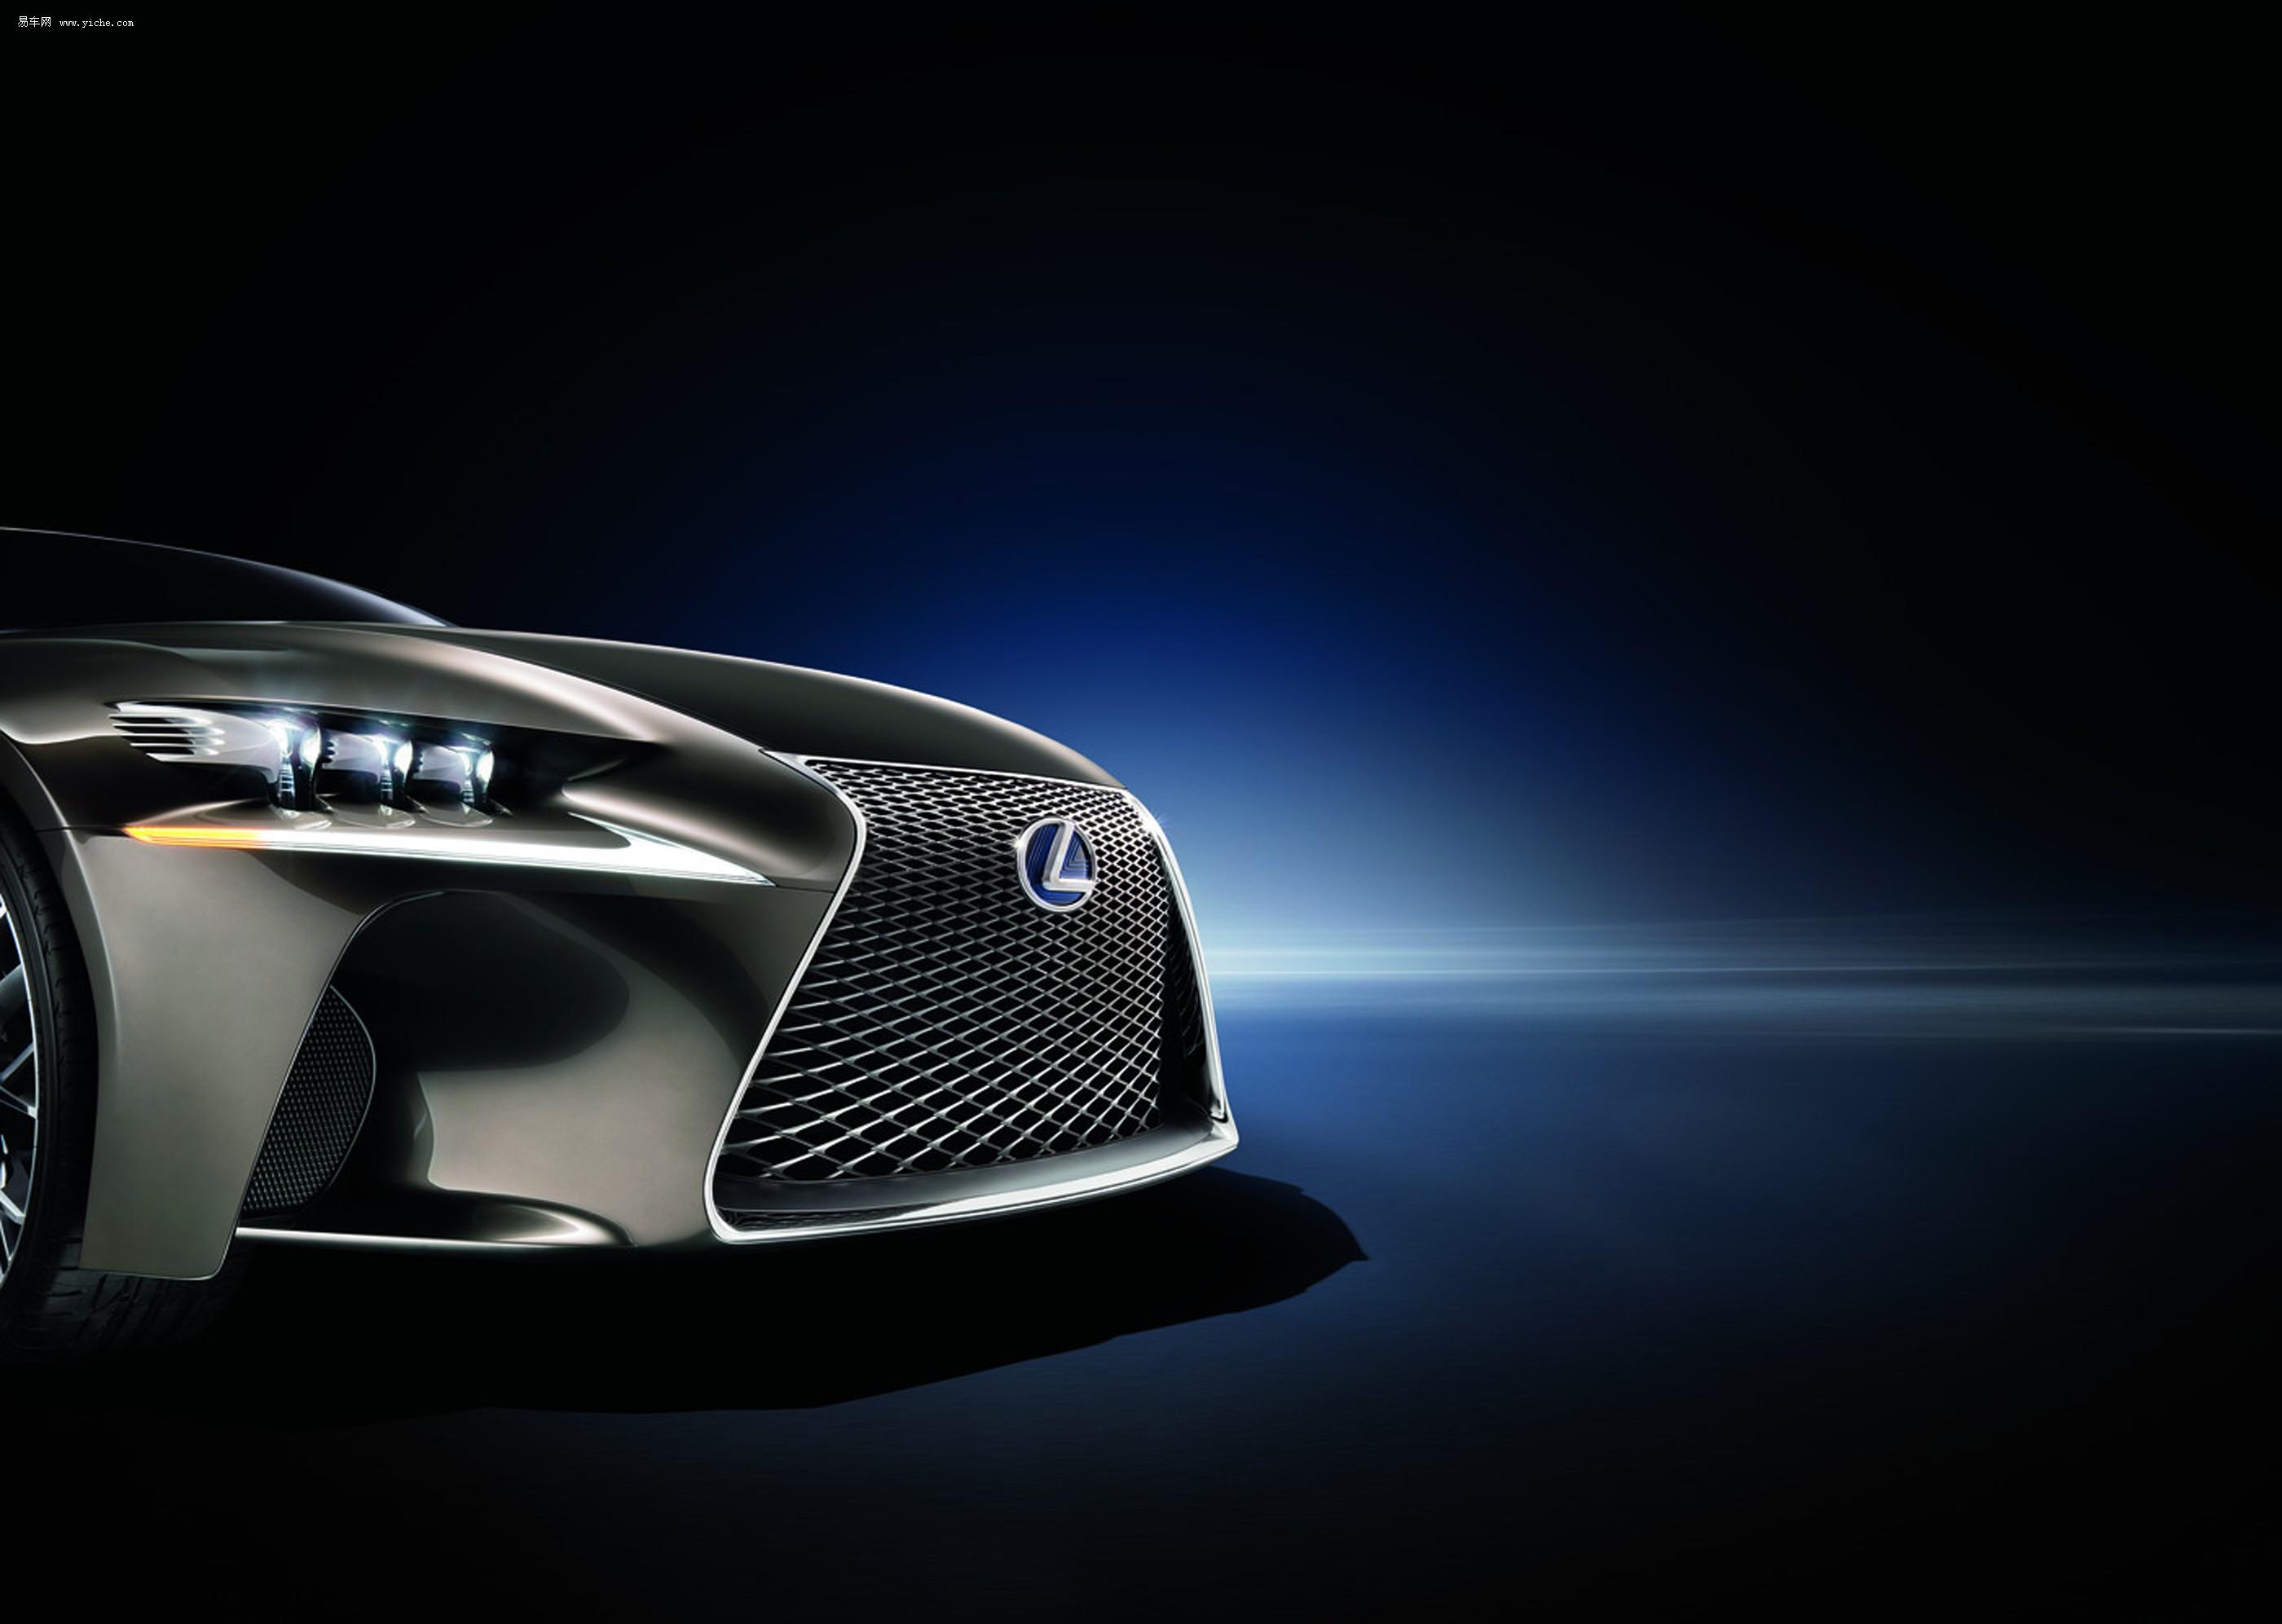 lexus雷克萨斯lf cc概念车巴黎车展首秀